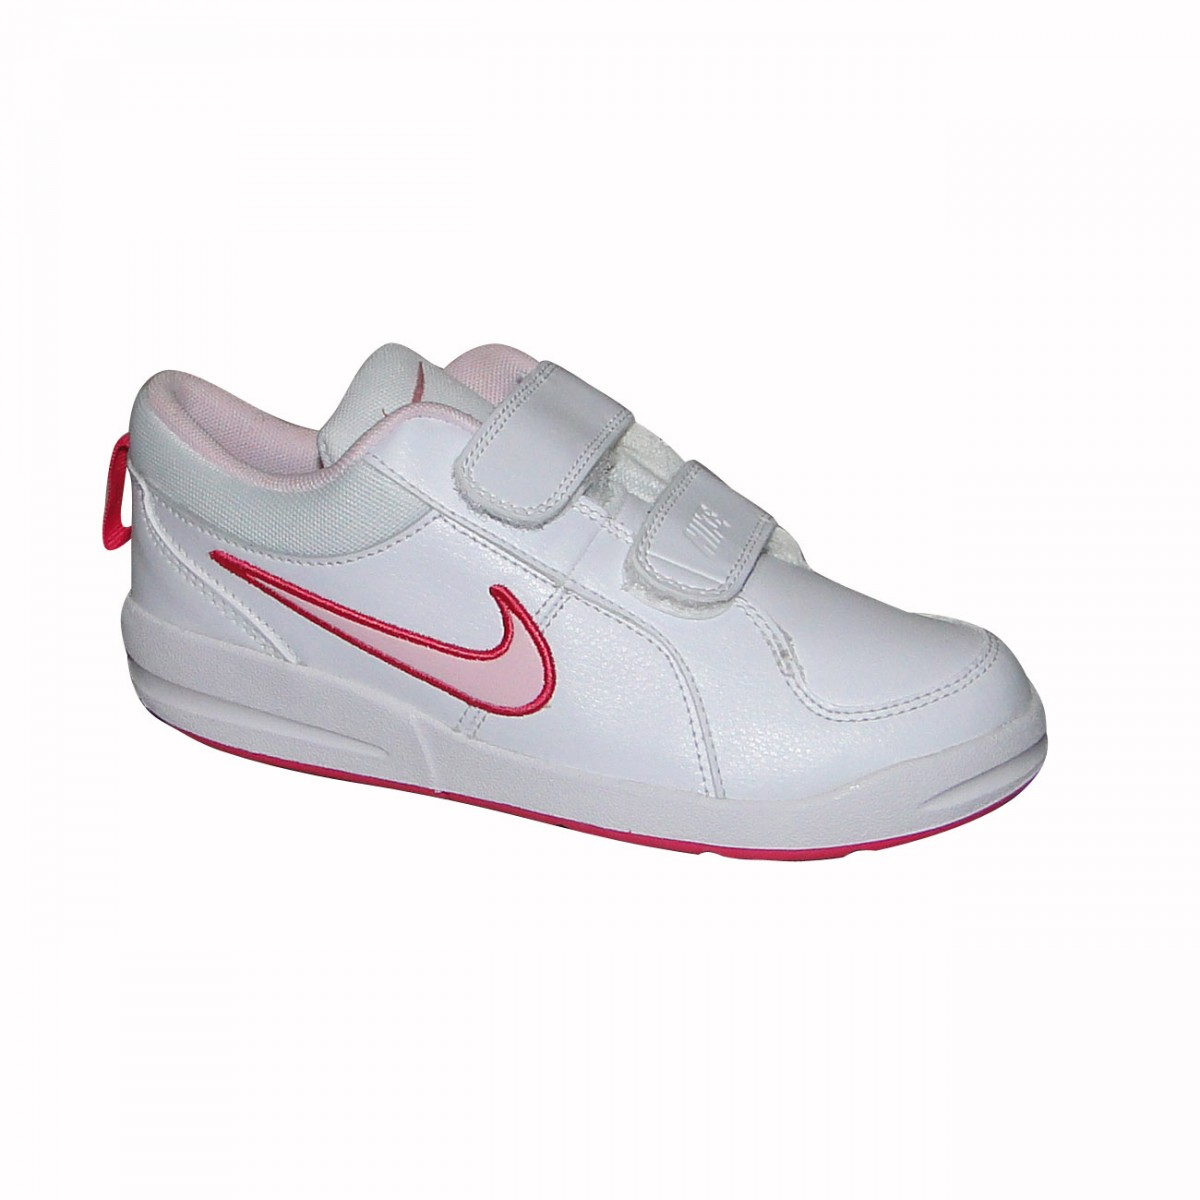 5f0aa24d5e1 TENIS NIKE PICO 4 INFANTIL 454477103 - Branco Rosa - Chuteira Nike ...